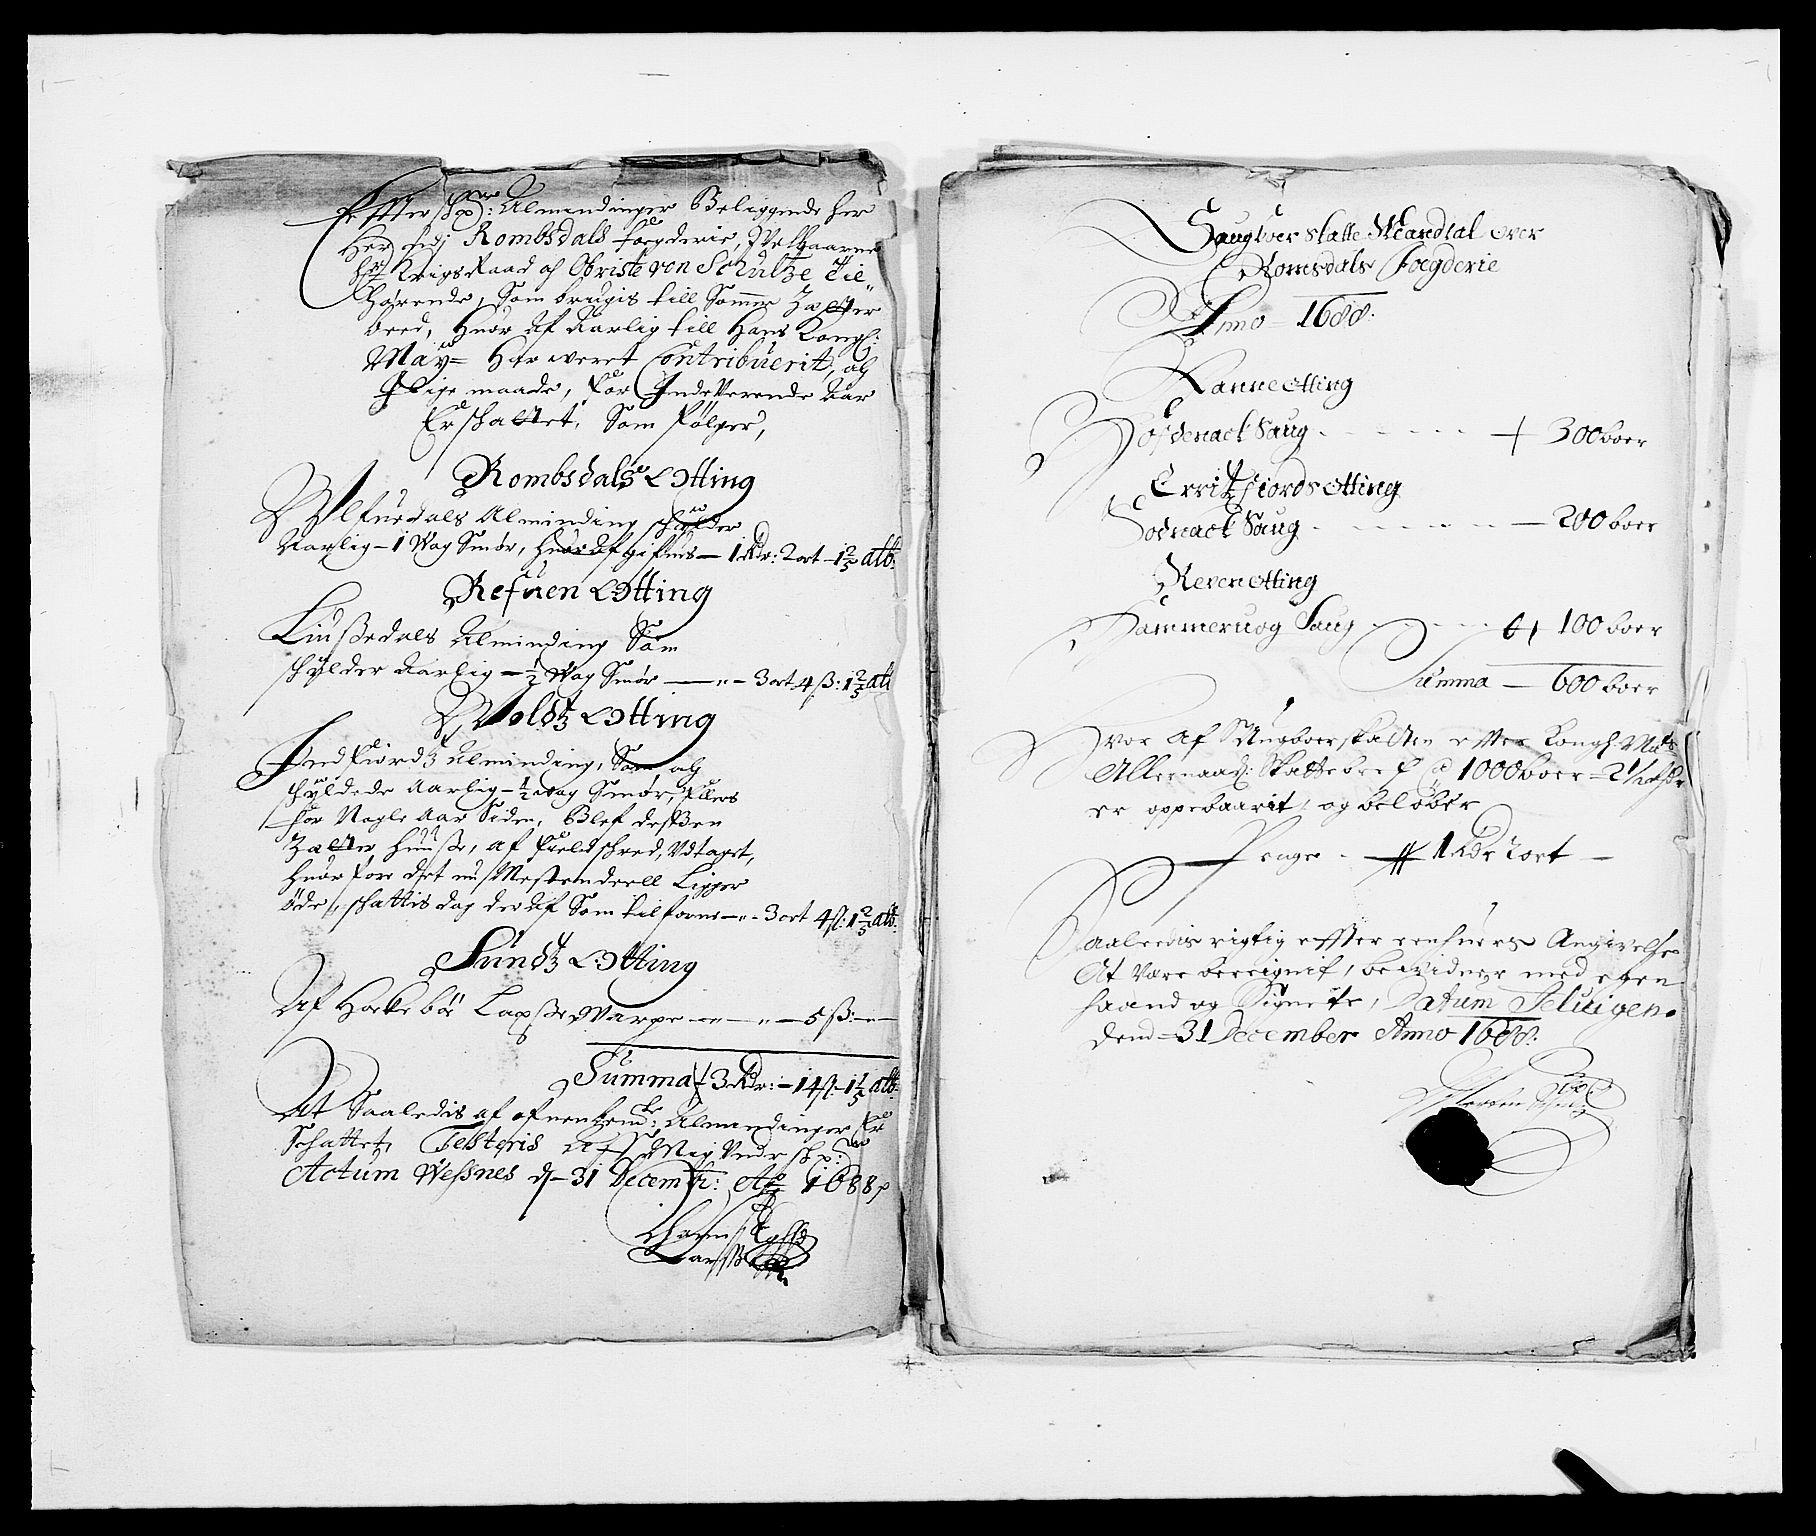 RA, Rentekammeret inntil 1814, Reviderte regnskaper, Fogderegnskap, R55/L3648: Fogderegnskap Romsdal, 1687-1689, s. 219